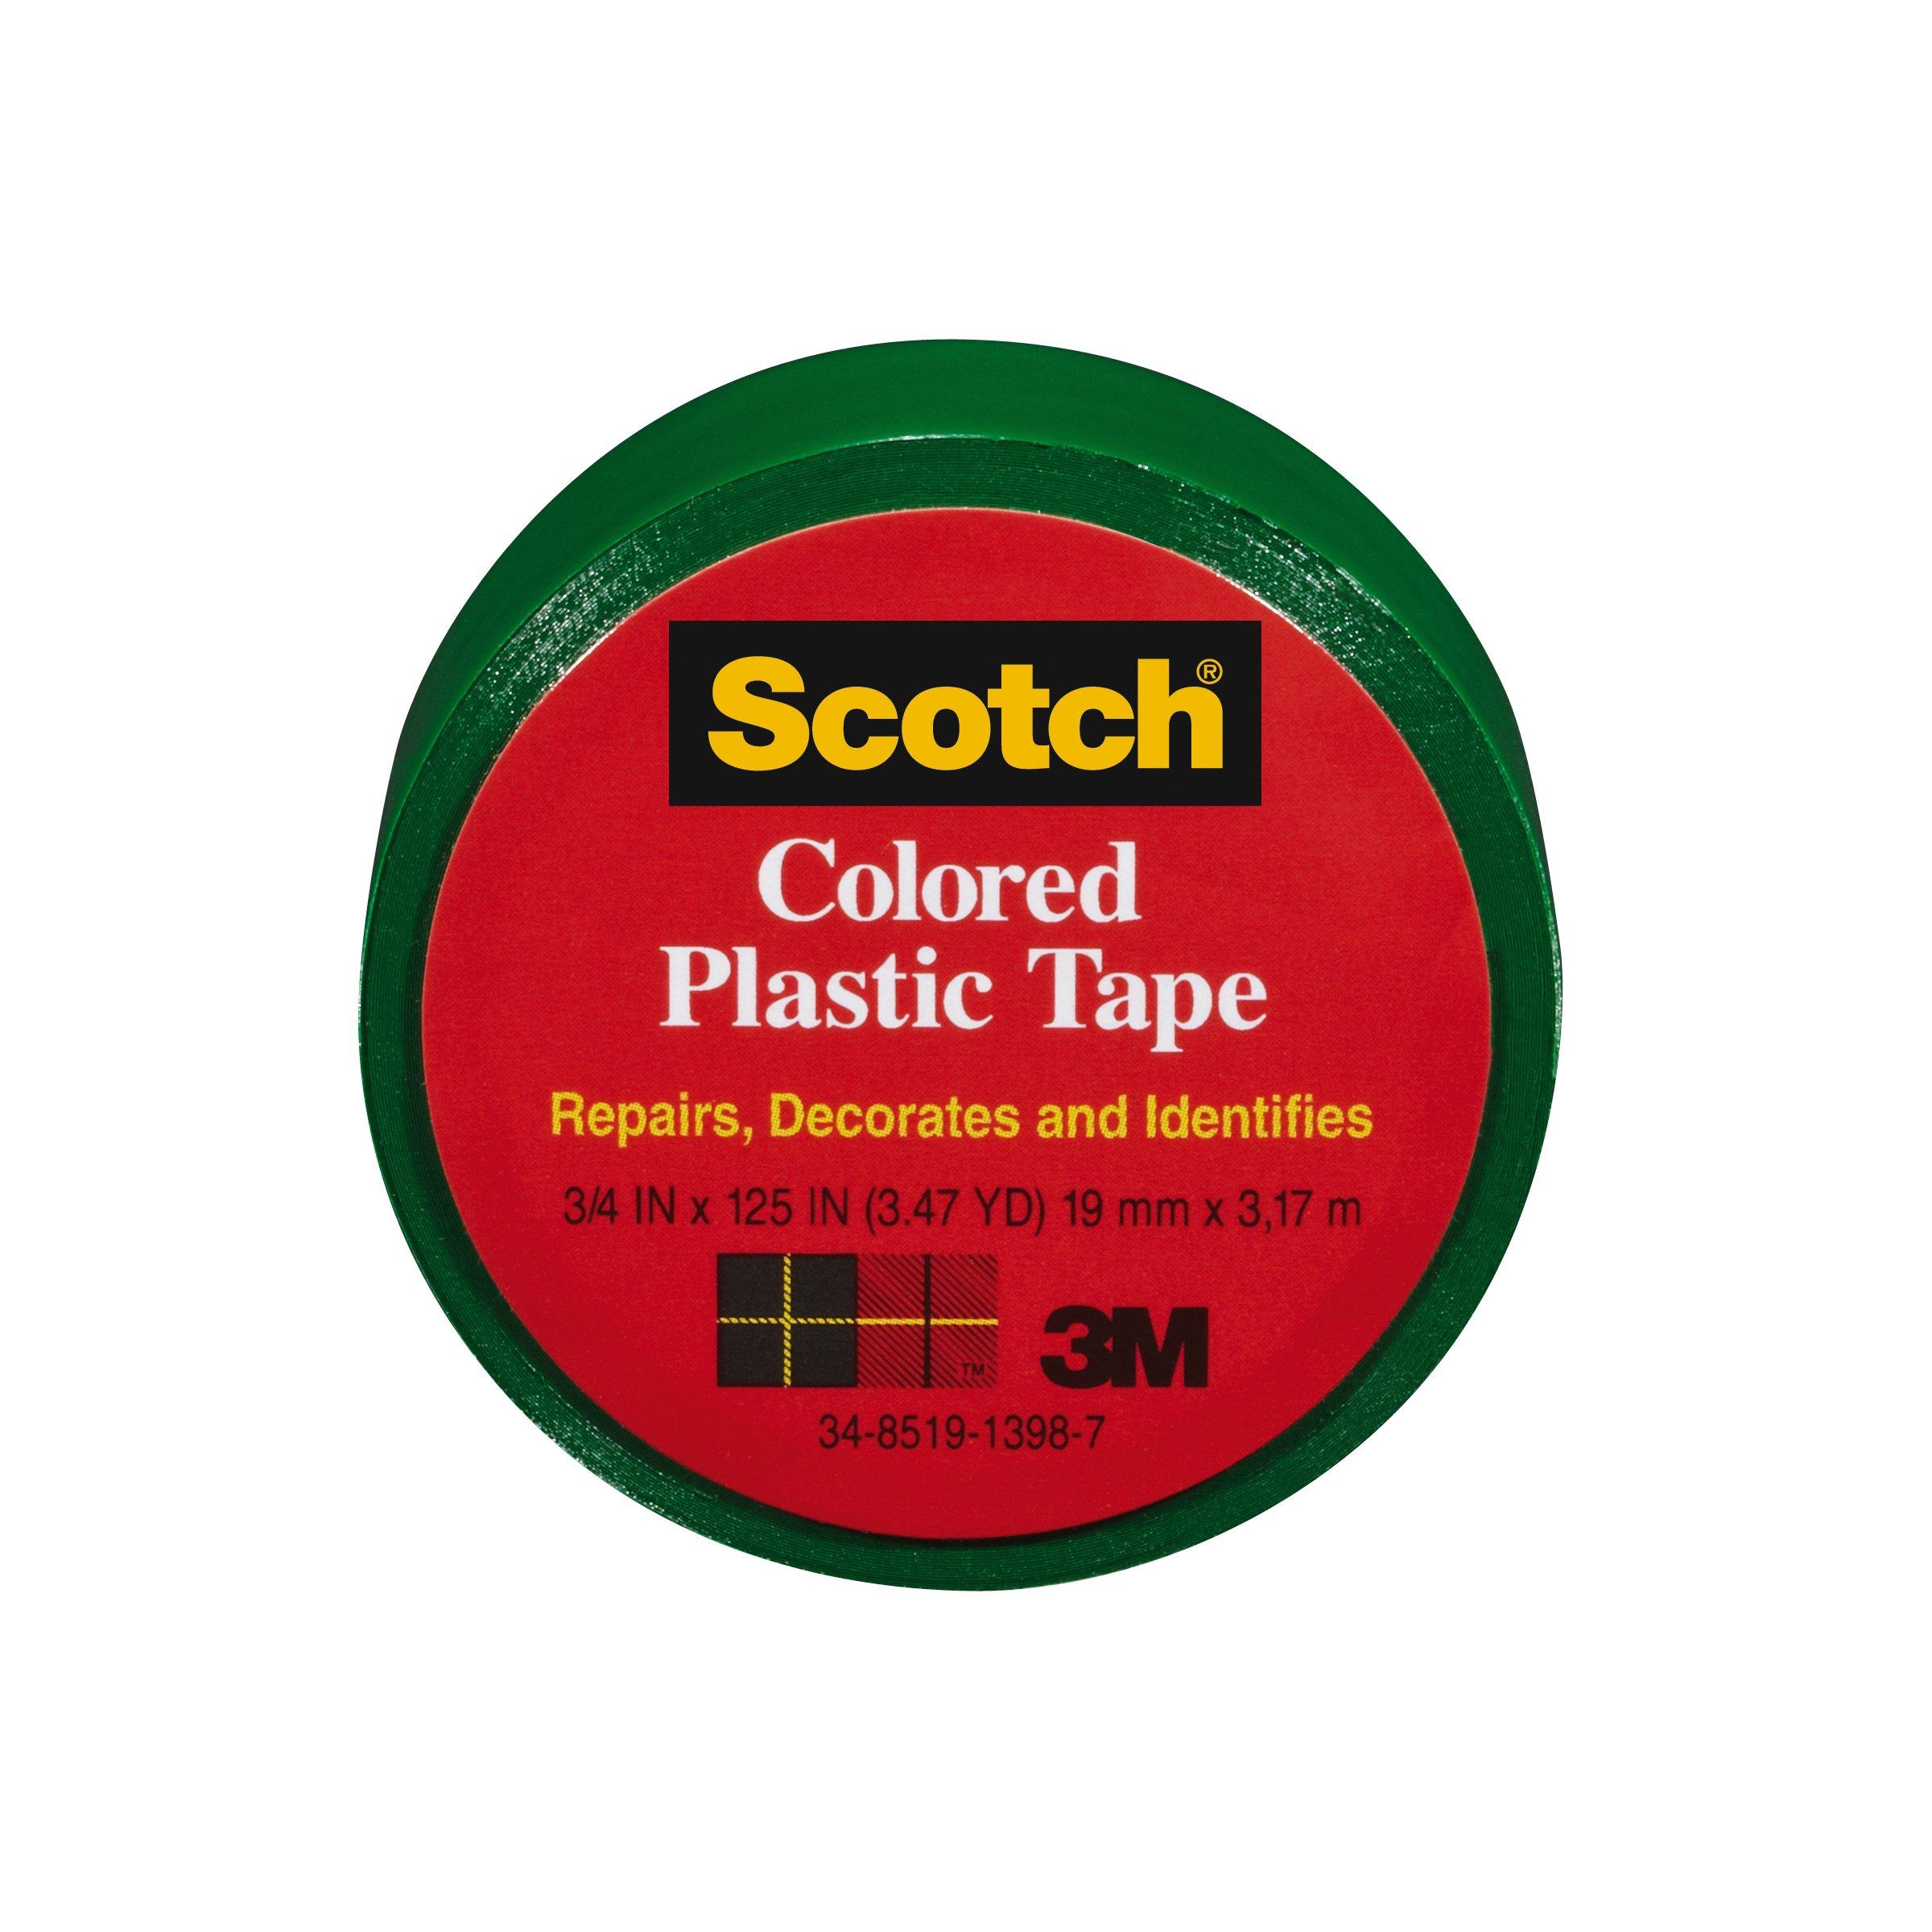 Scotch Scotch Colored Plastic Tape, Green, 3/4 x 125-Inch by Scotch Brand